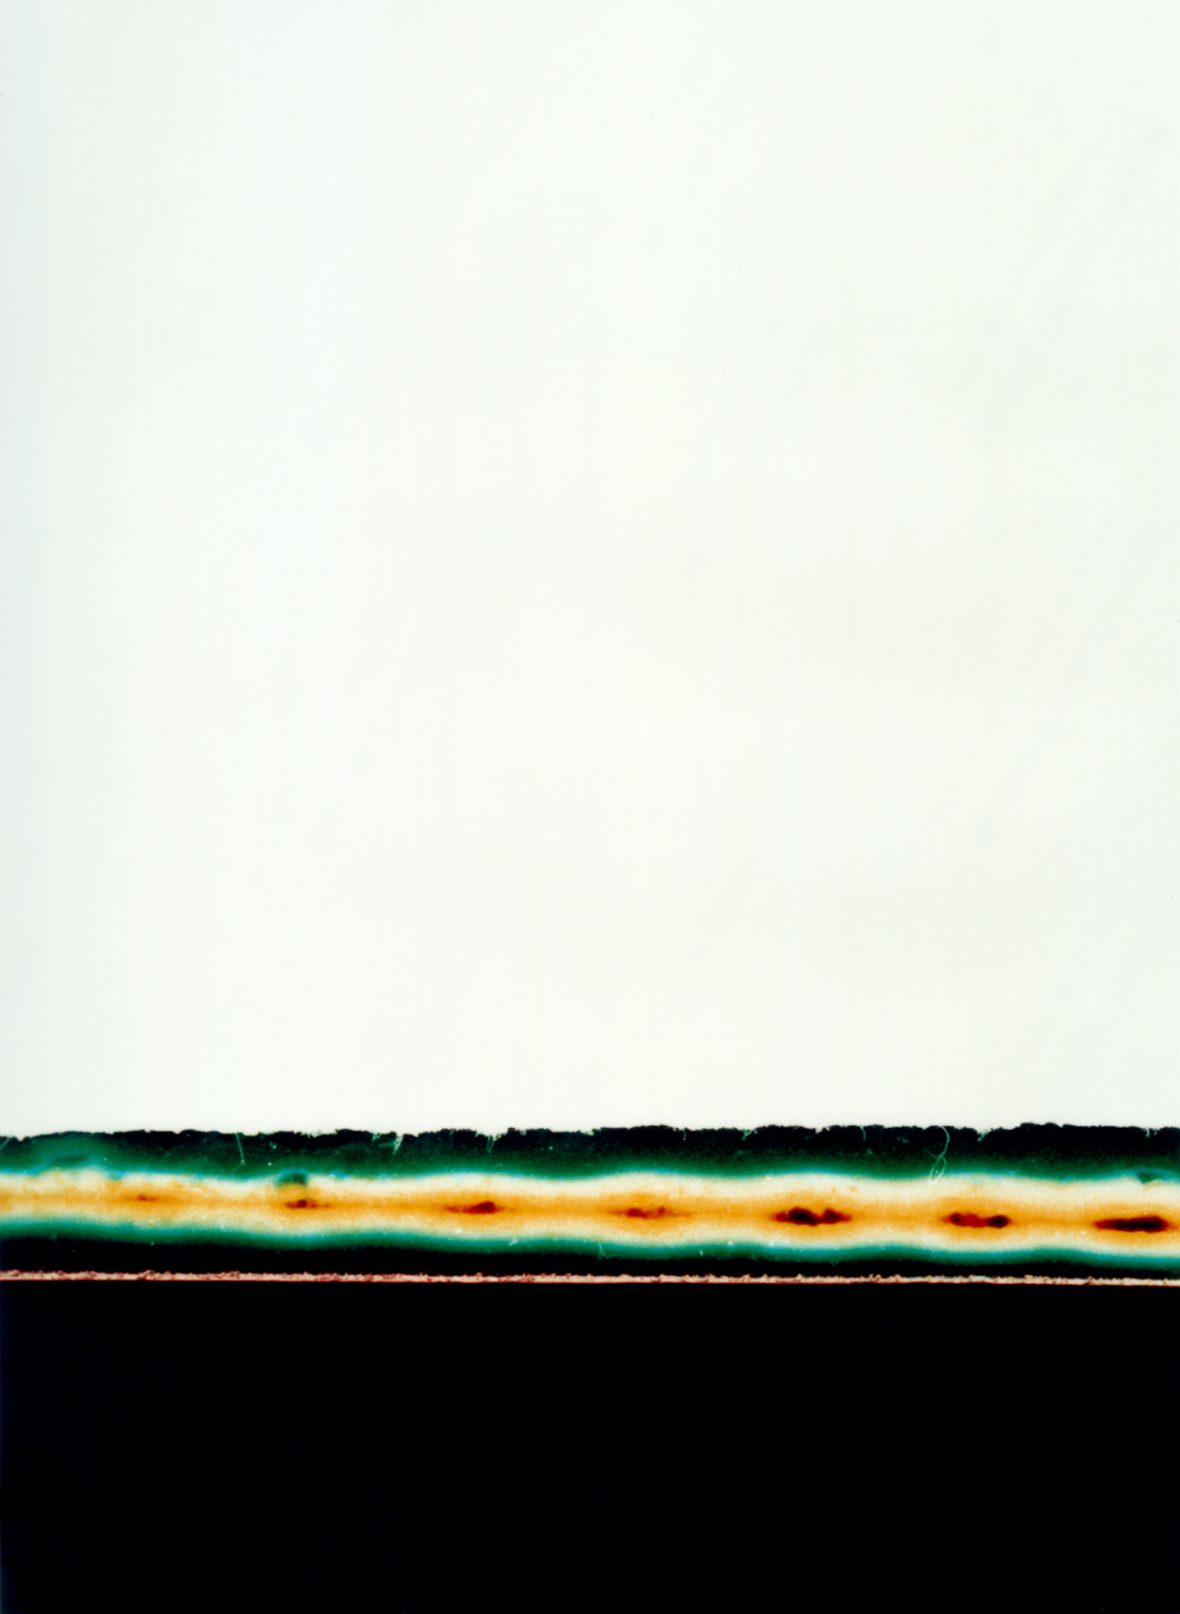 Ränder, 2003, C-print, 40cmx30cm, Unikat